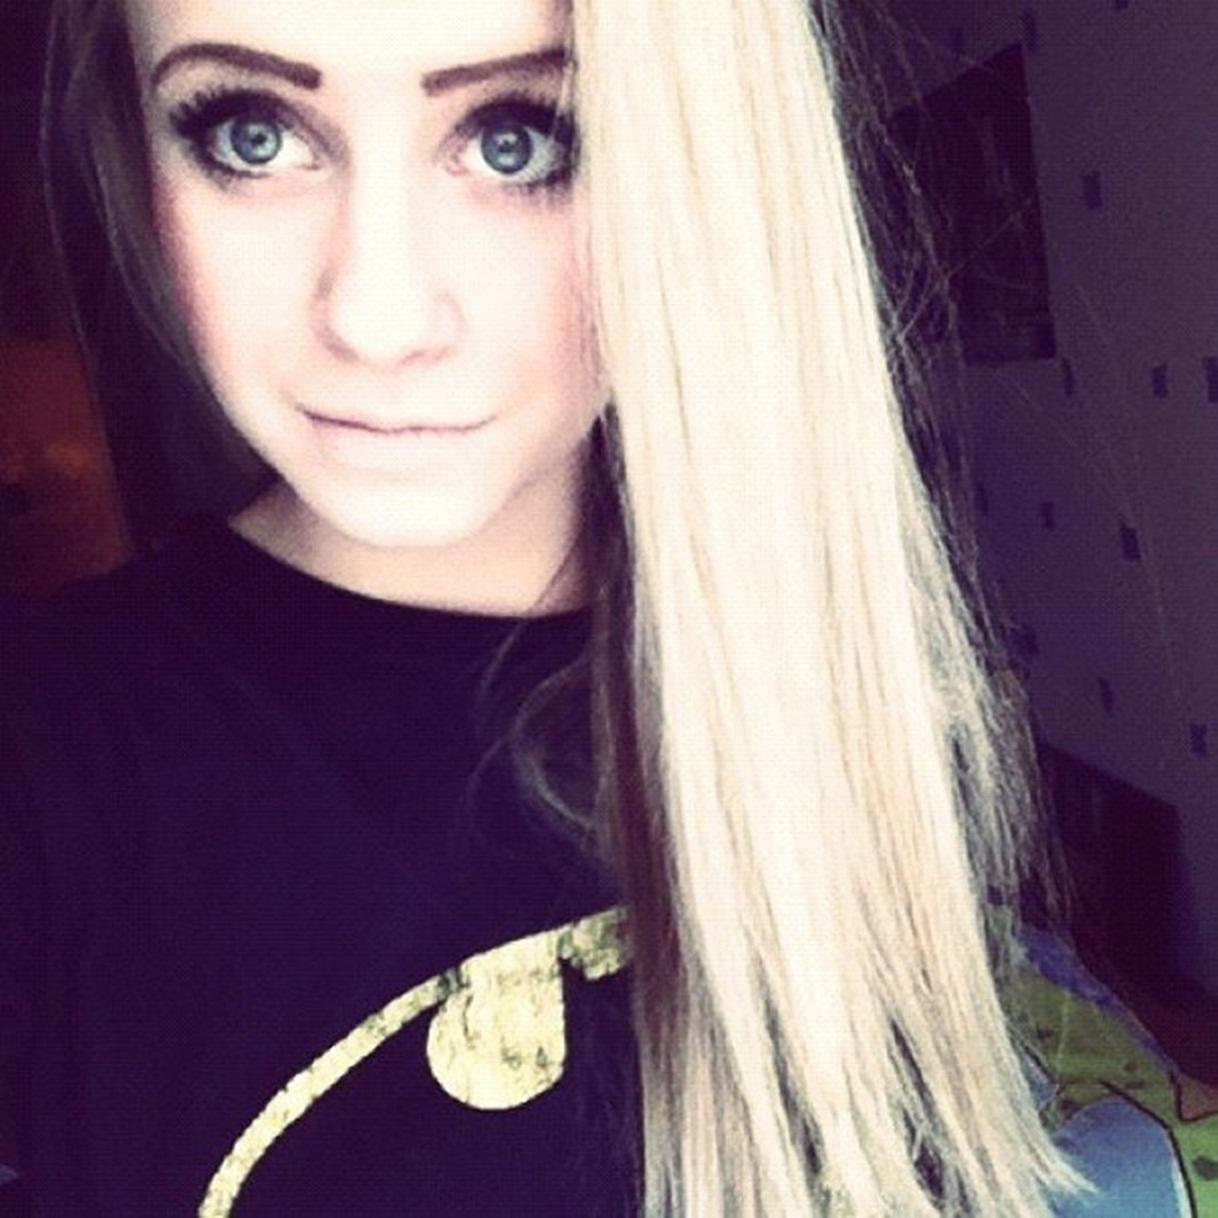 Фото одной и той же 16 летней красивой девушки на аву в вк